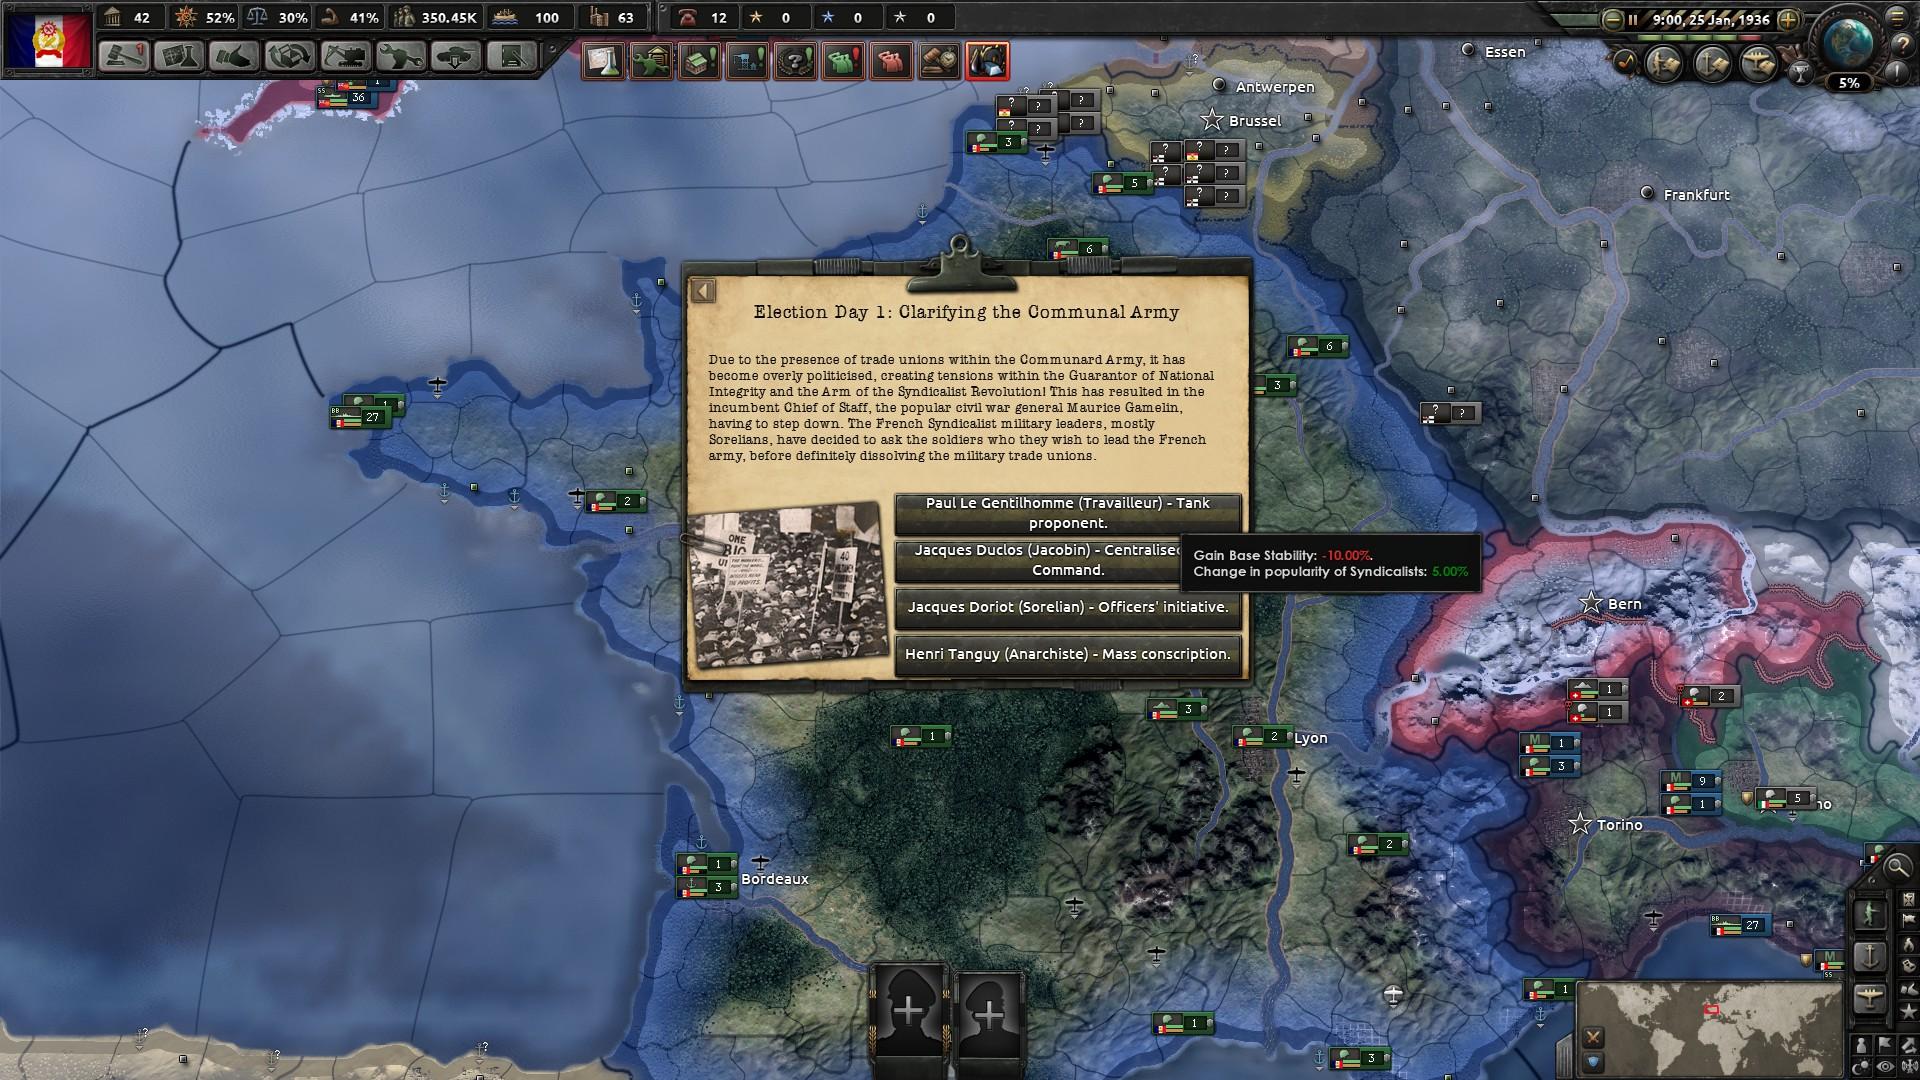 Steam Community :: Guide :: [UPDATED] Kaiserreich Commune of